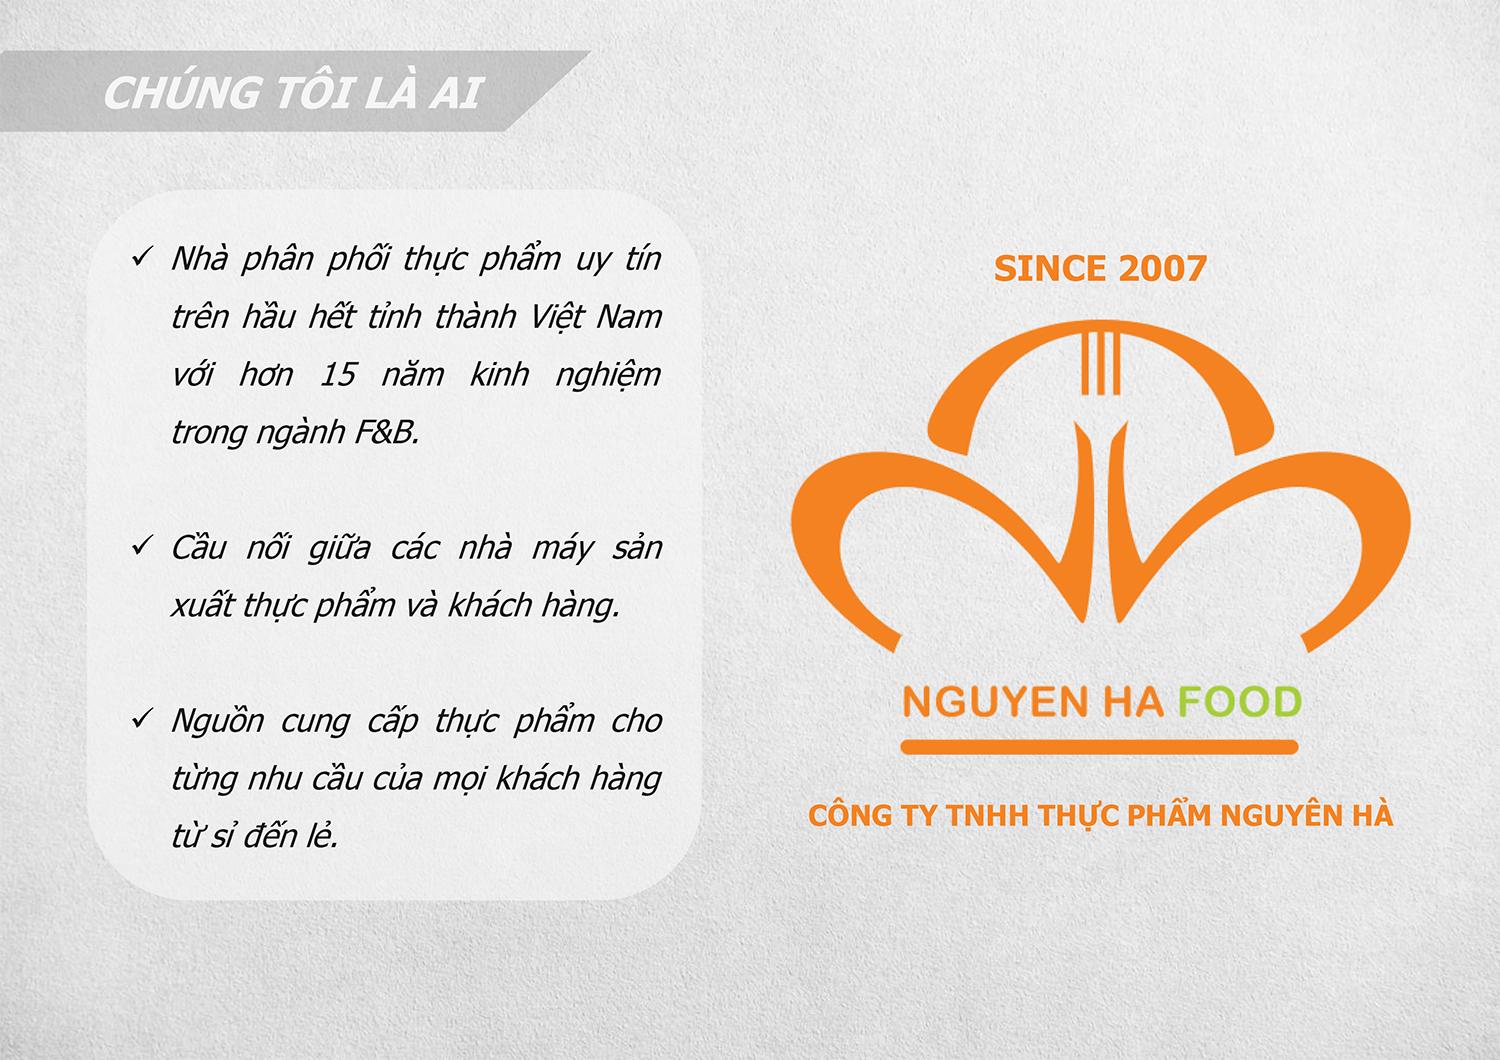 HO SO NHAN LUC - NGUYEN HA FOOD PROFILE-3